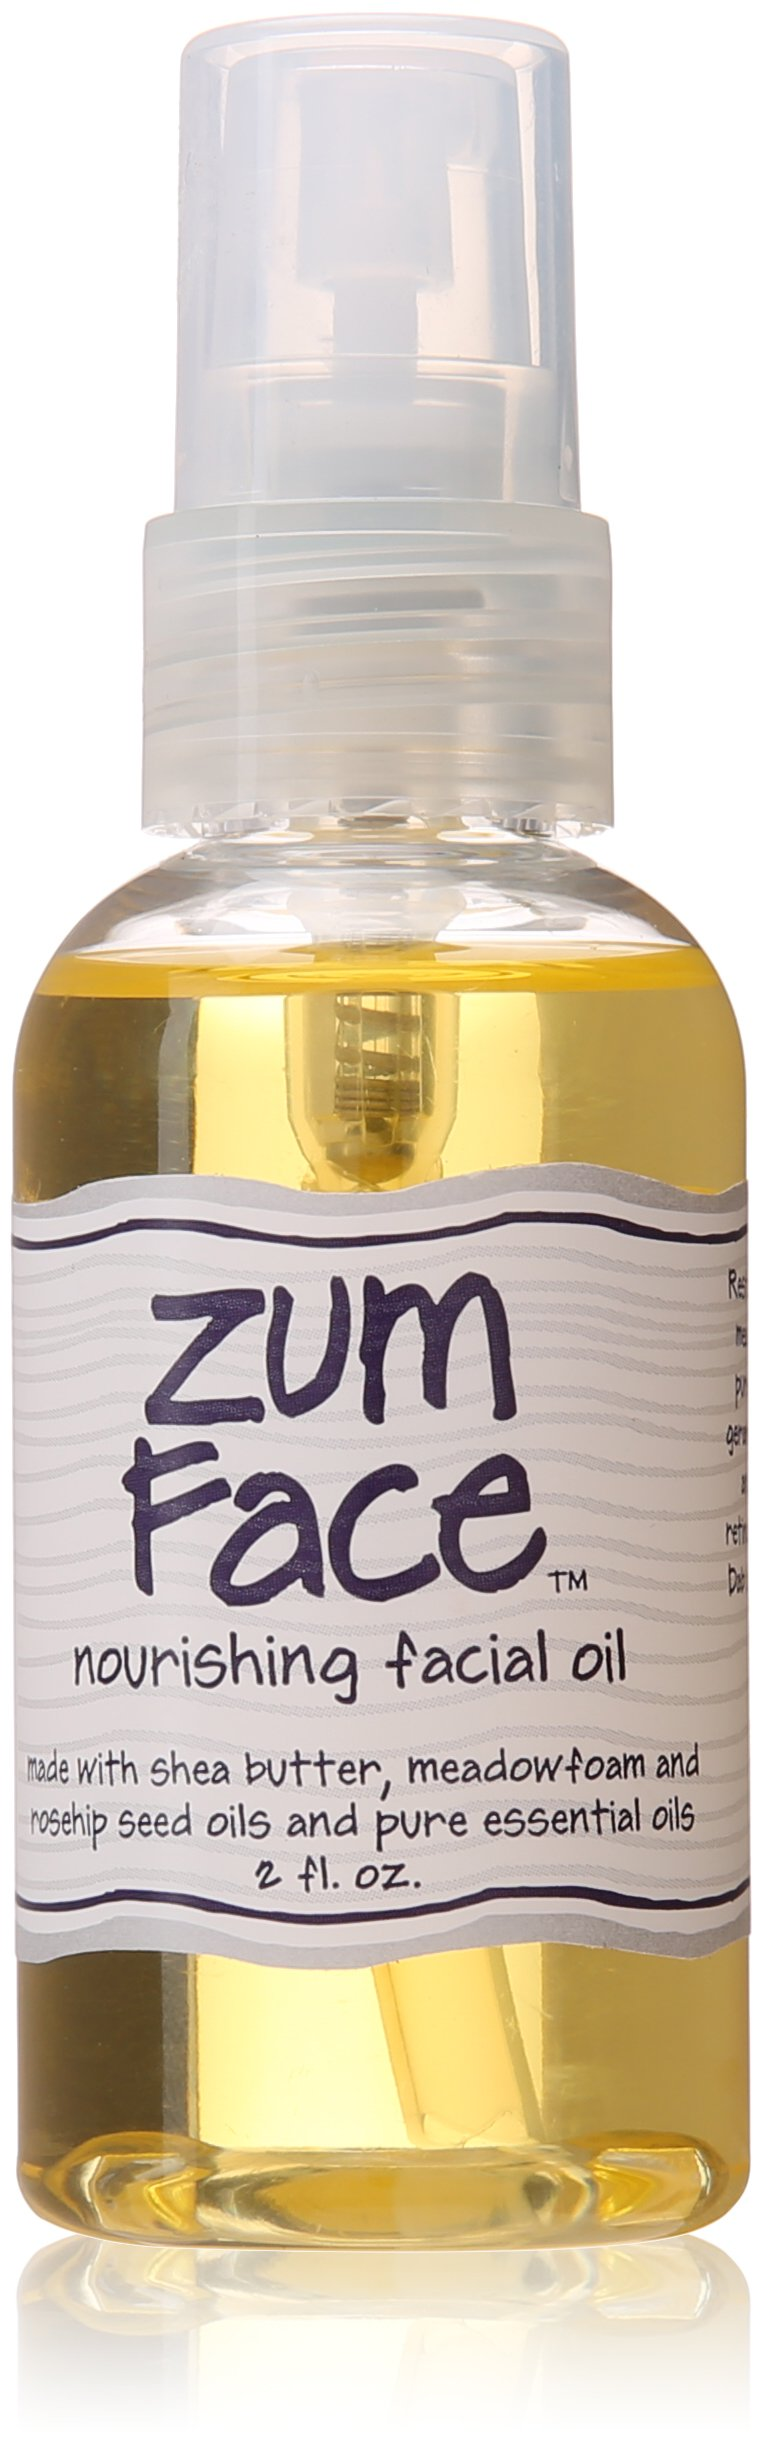 Indigo Wild, Zum Face Argan Oil Facial Serum, 0.5 fl oz sothys anti-age cream grade 2